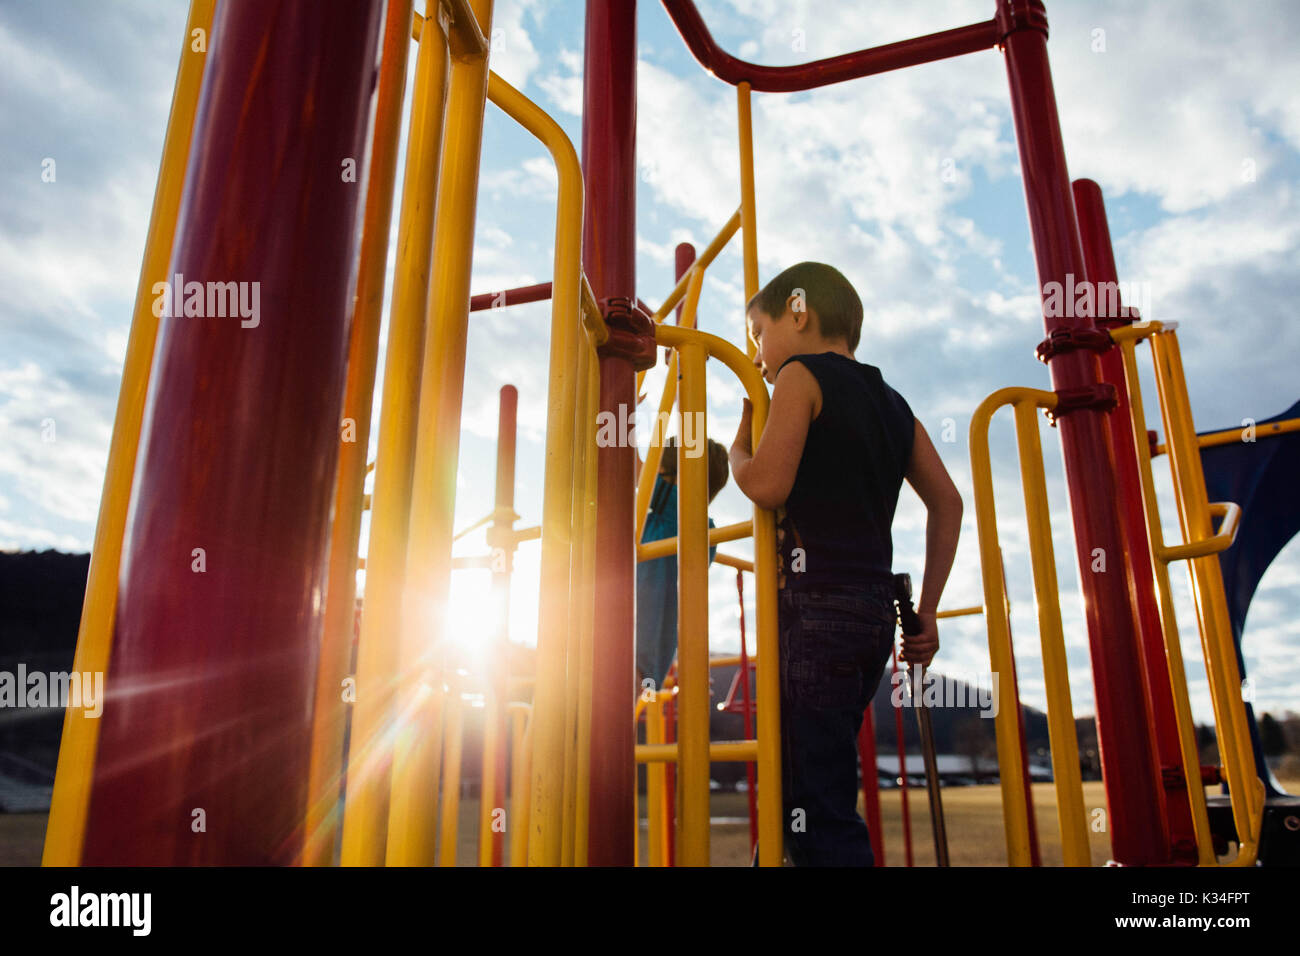 Un bambino gioca su attrezzature per parchi giochi al tramonto. Immagini Stock